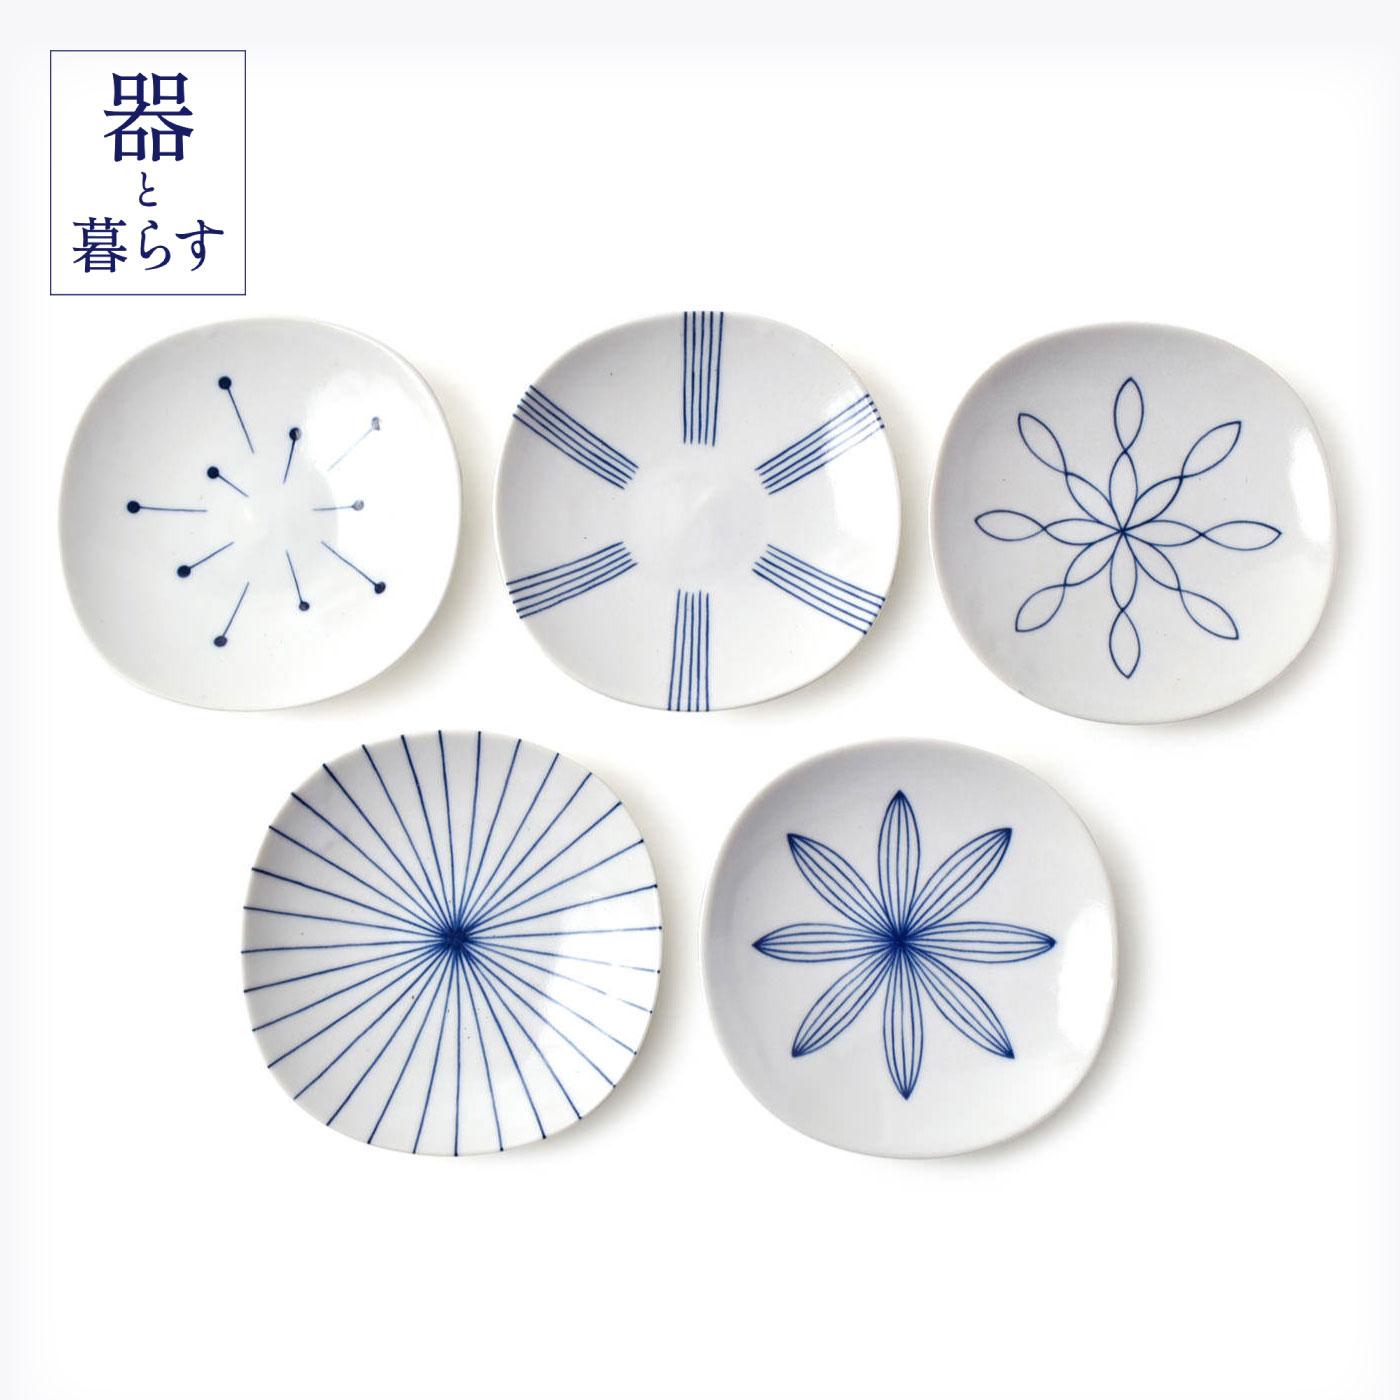 フェリシモ テーブルに笑顔の花咲く 平成小紋 中皿 5枚セット